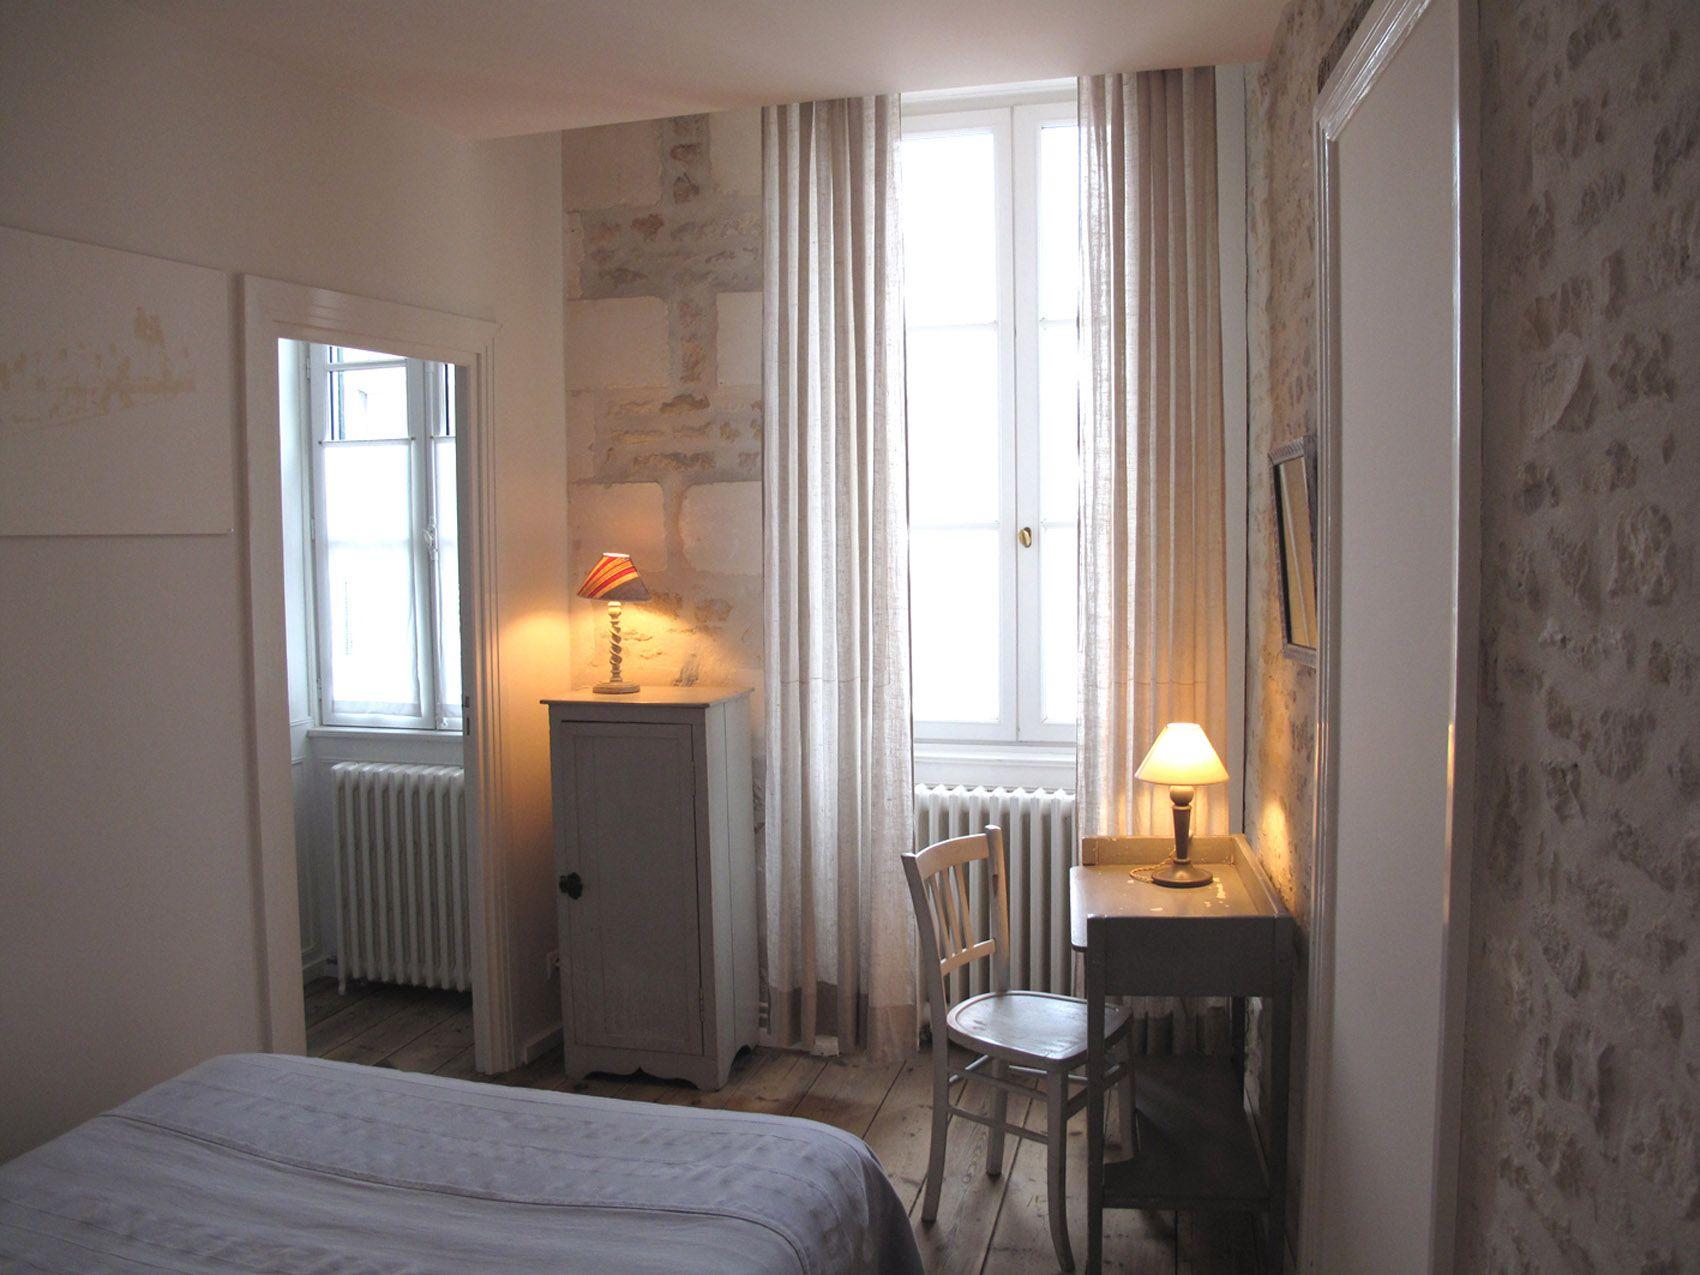 Sejour en chambre clique Ile de Ré - Hôtel le Sénéchal ... on